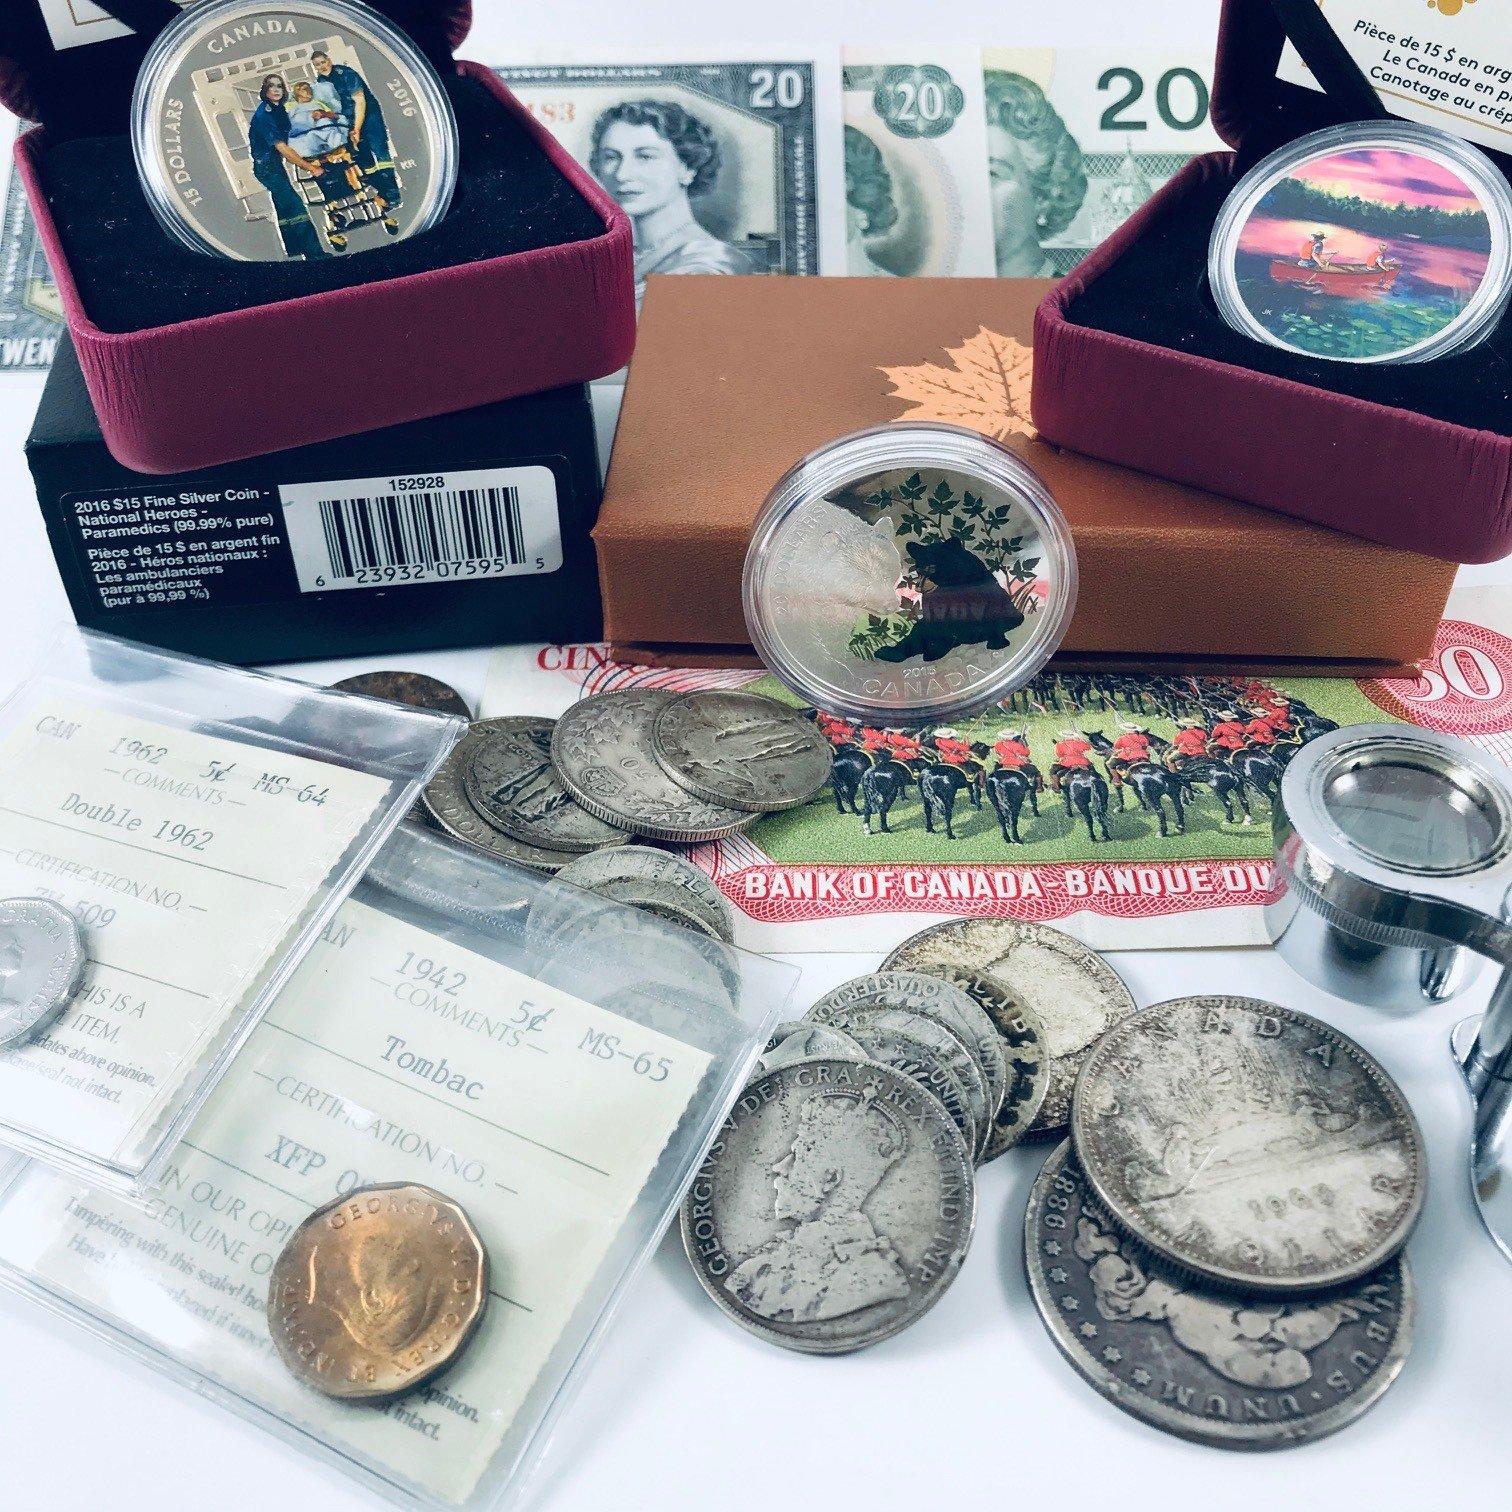 Ontario Coins and Collectibles